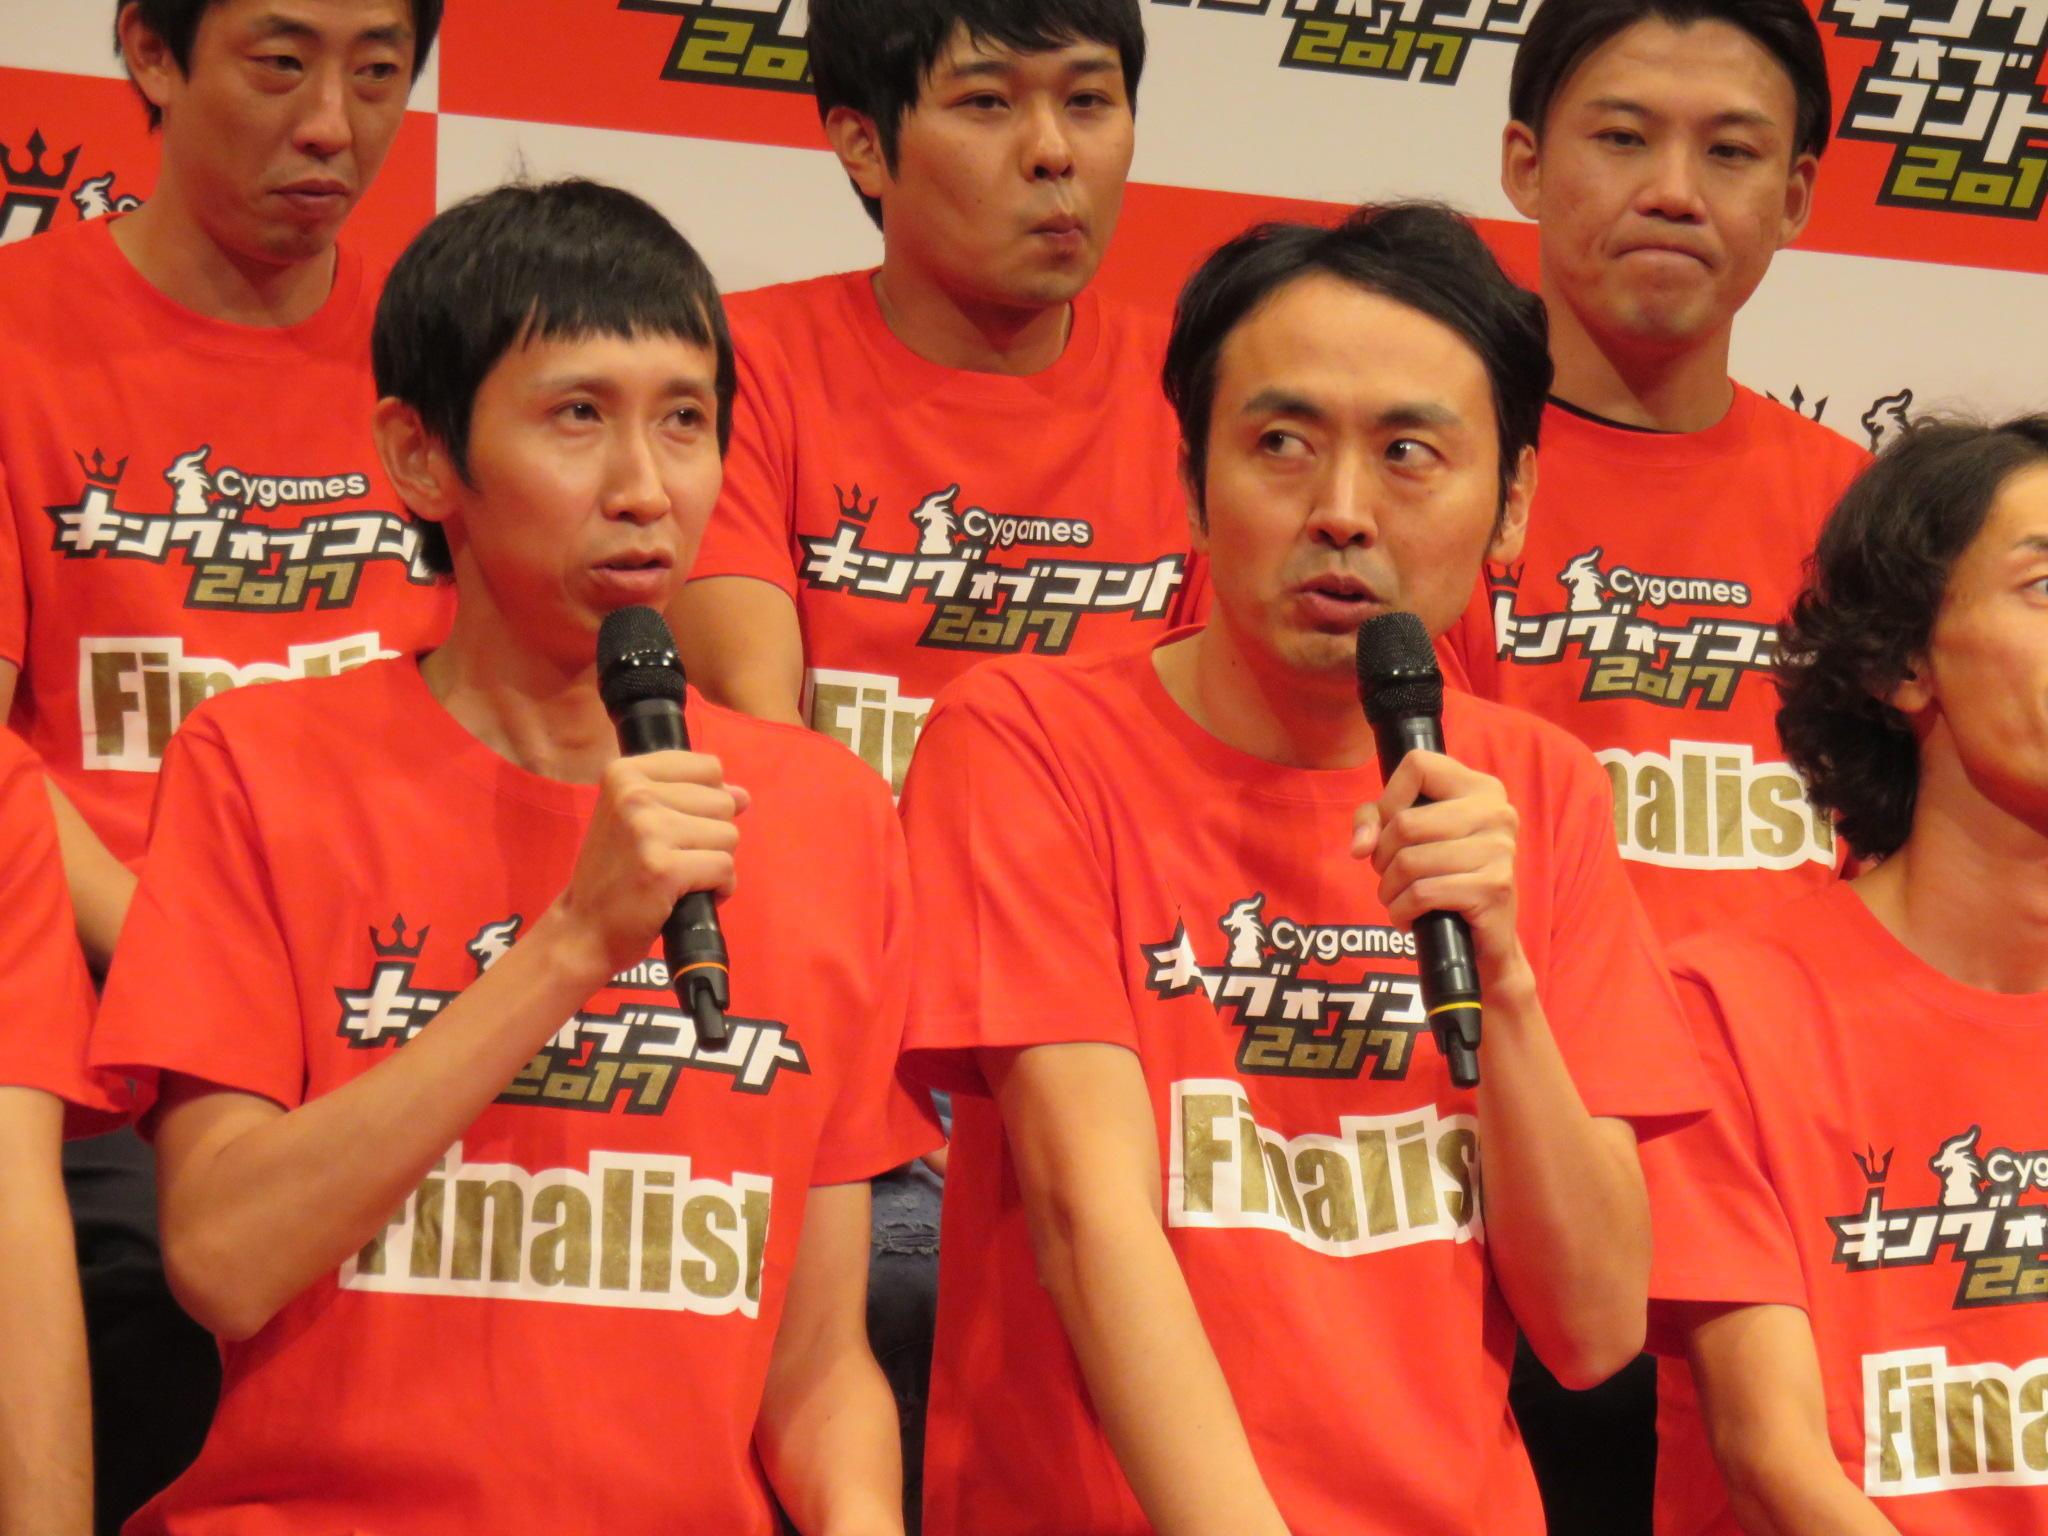 http://news.yoshimoto.co.jp/20170909005710-64d7ddcf9f8d699b5677a8988e405102727c70fe.jpg